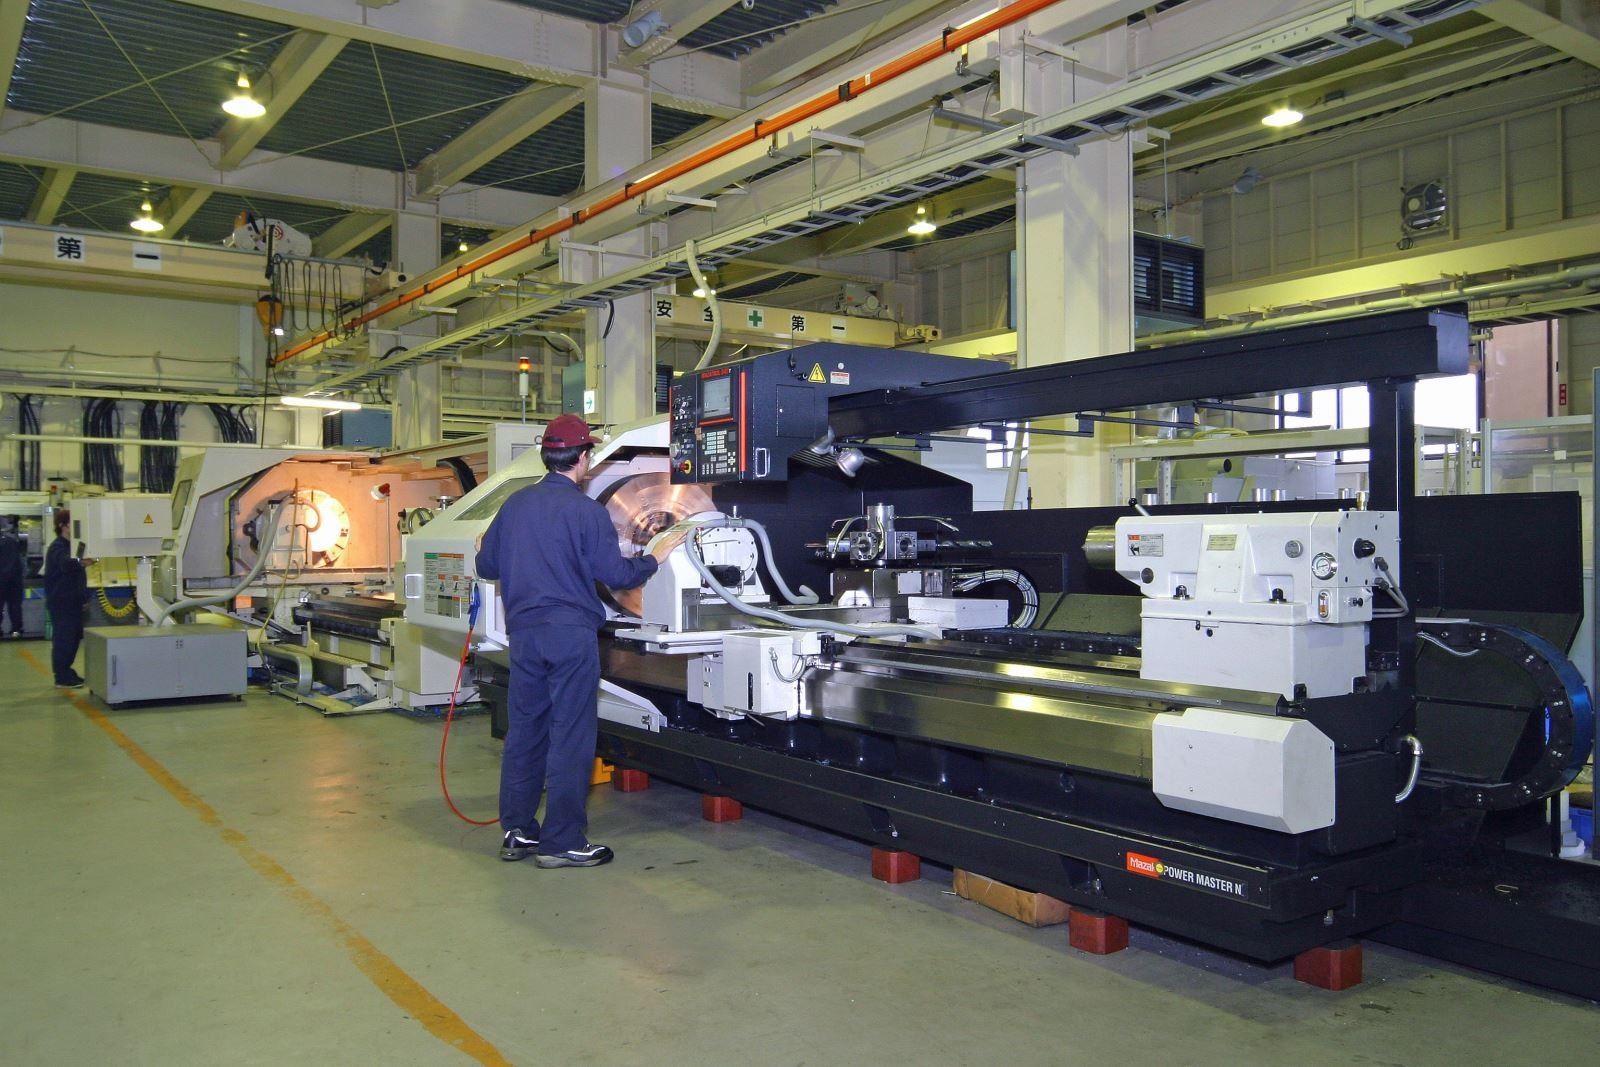 Cơ hội làm việc tại Nhật cho kỹ sư với lương 40 triệu/tháng - 1